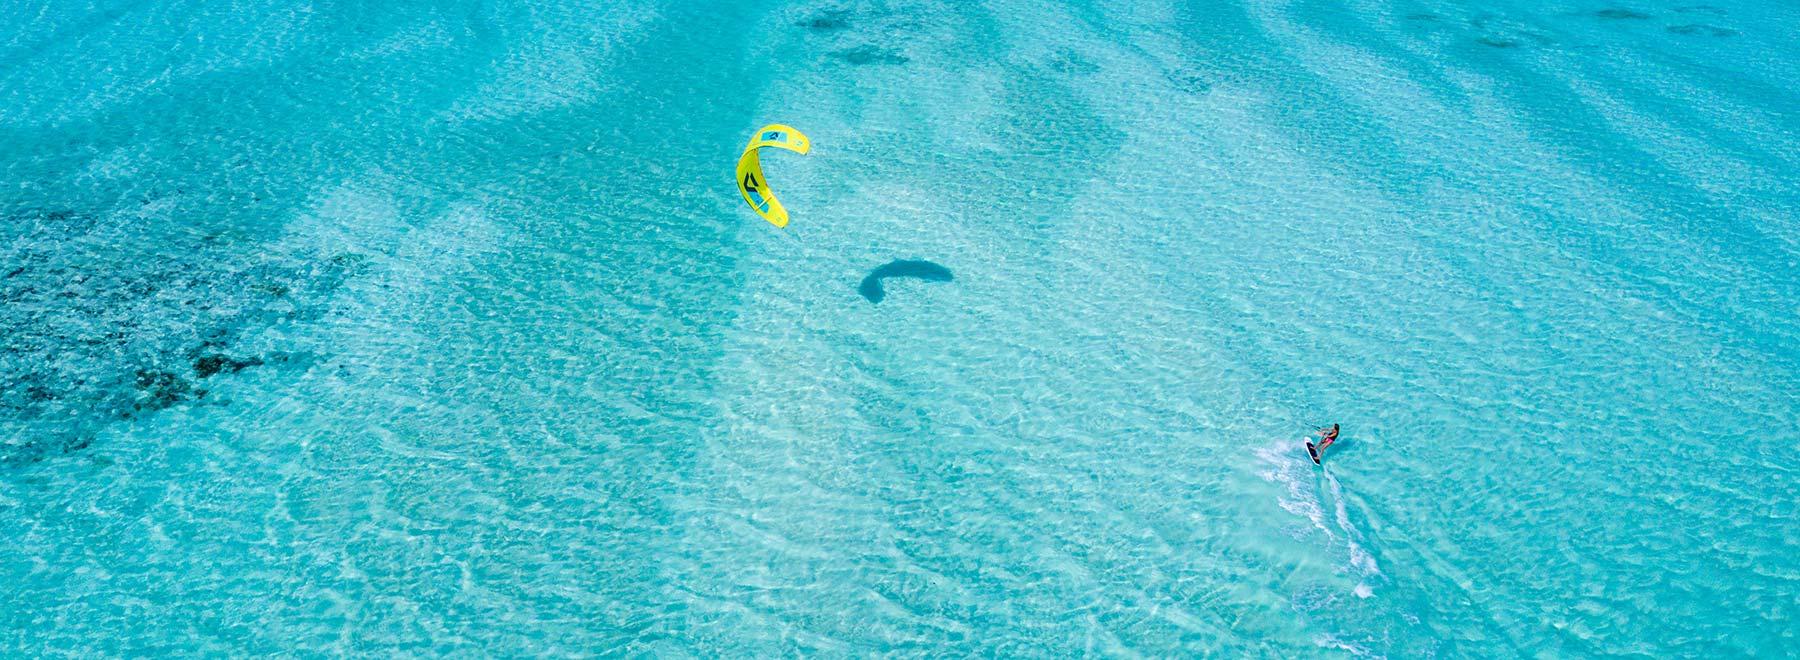 Kitesurfen auf Sansibar_Slice-of-Life